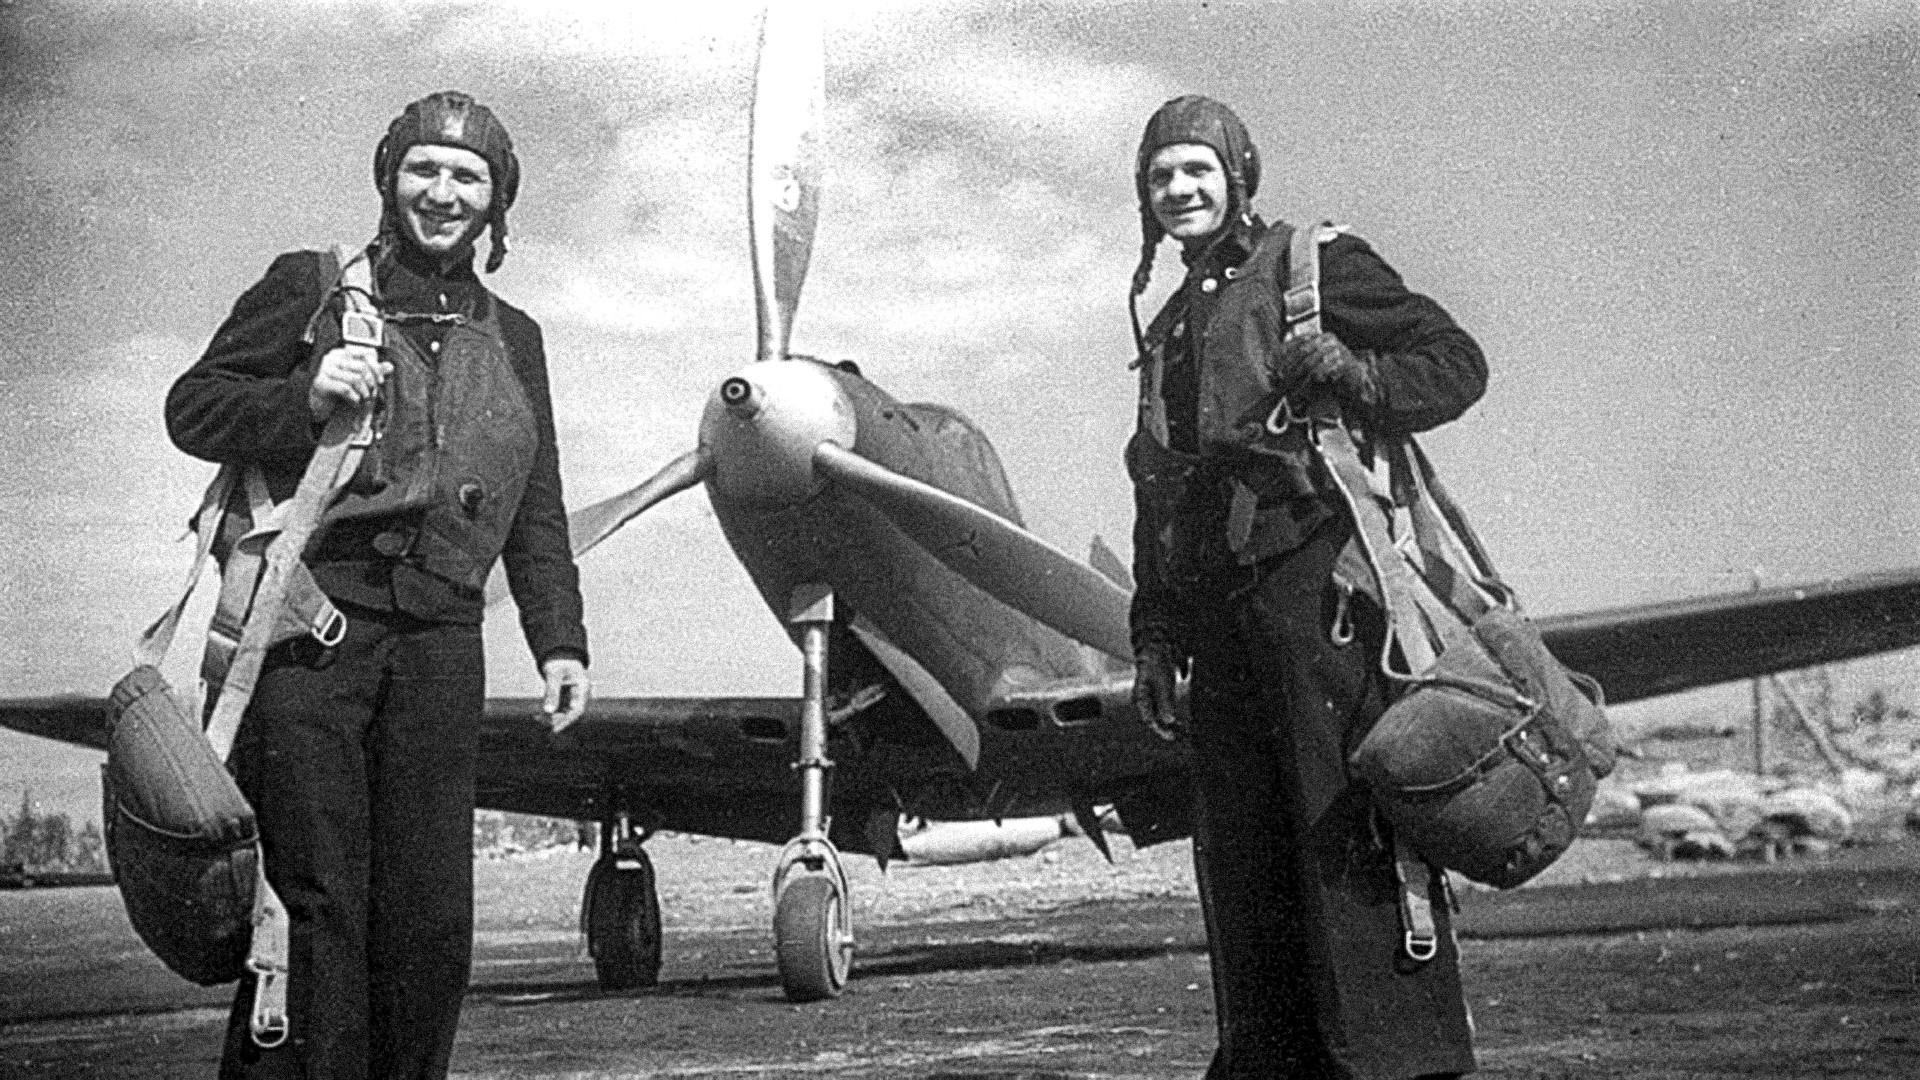 北方艦隊空軍の親衛隊第二戦闘航空団のパイロット、イワン・グルダコフ(左側)とニコライ・ディデェンコはP-39の前に